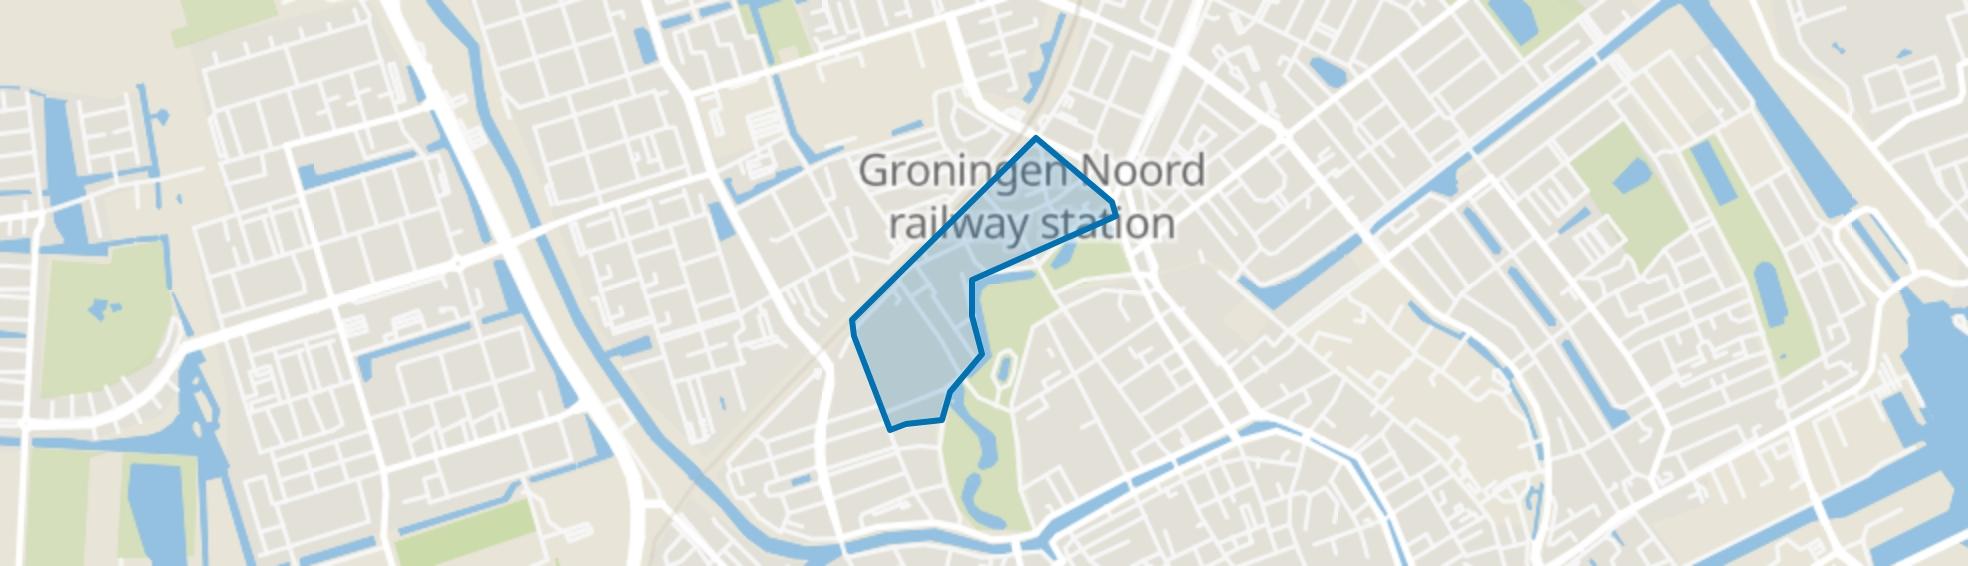 Noorderplantsoenbuurt, Groningen map